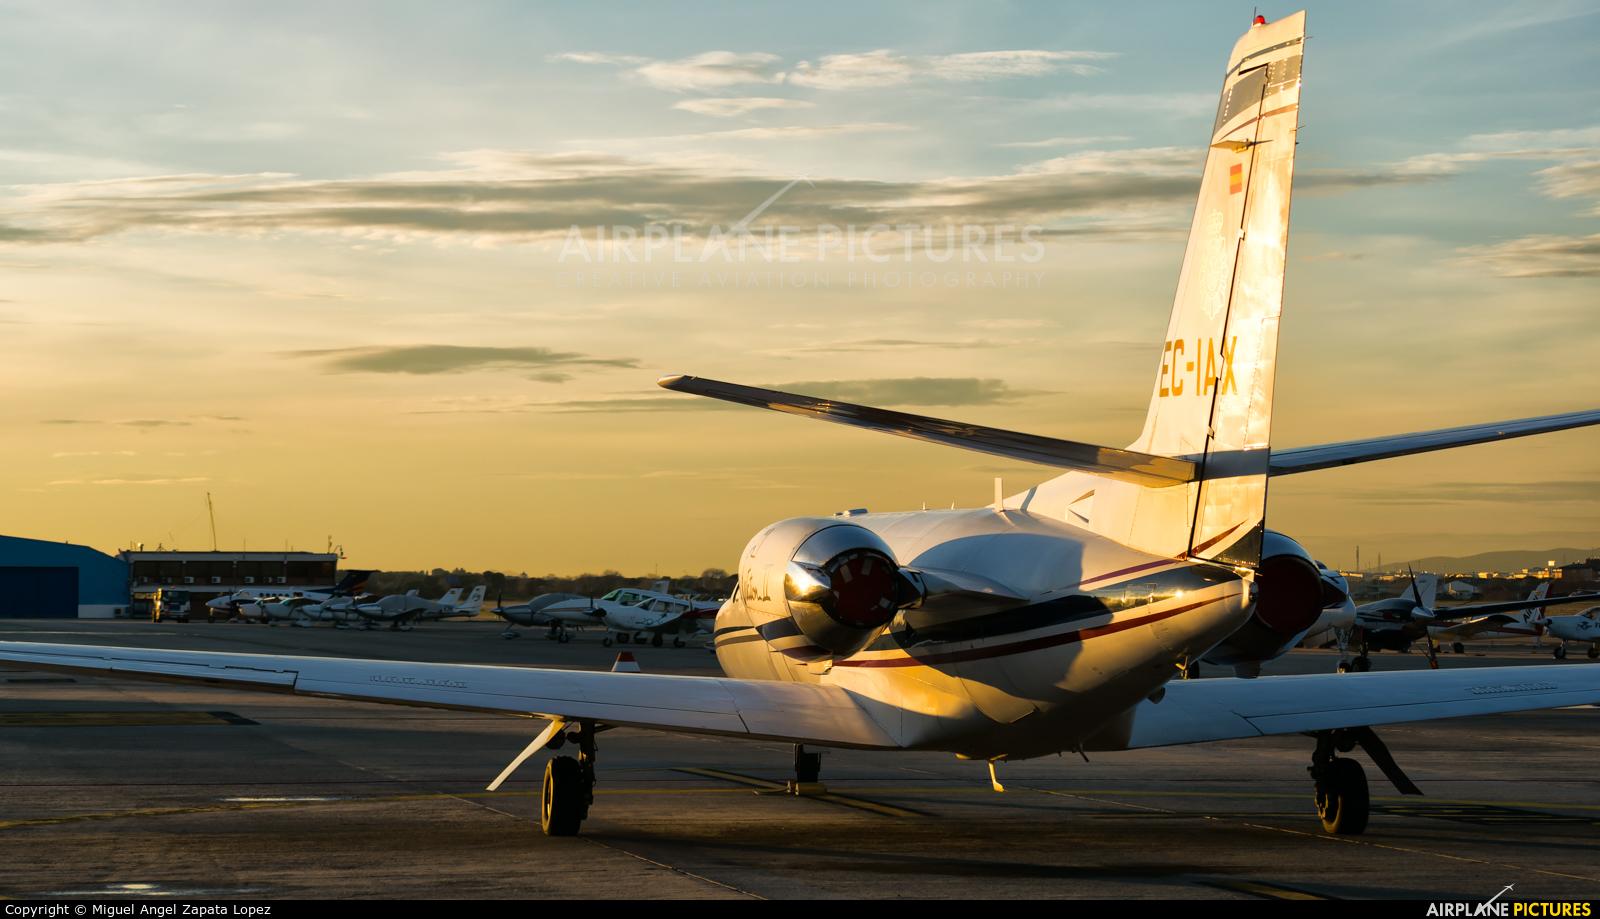 Spain - Police EC-IAX aircraft at Madrid - Cuatro Vientos